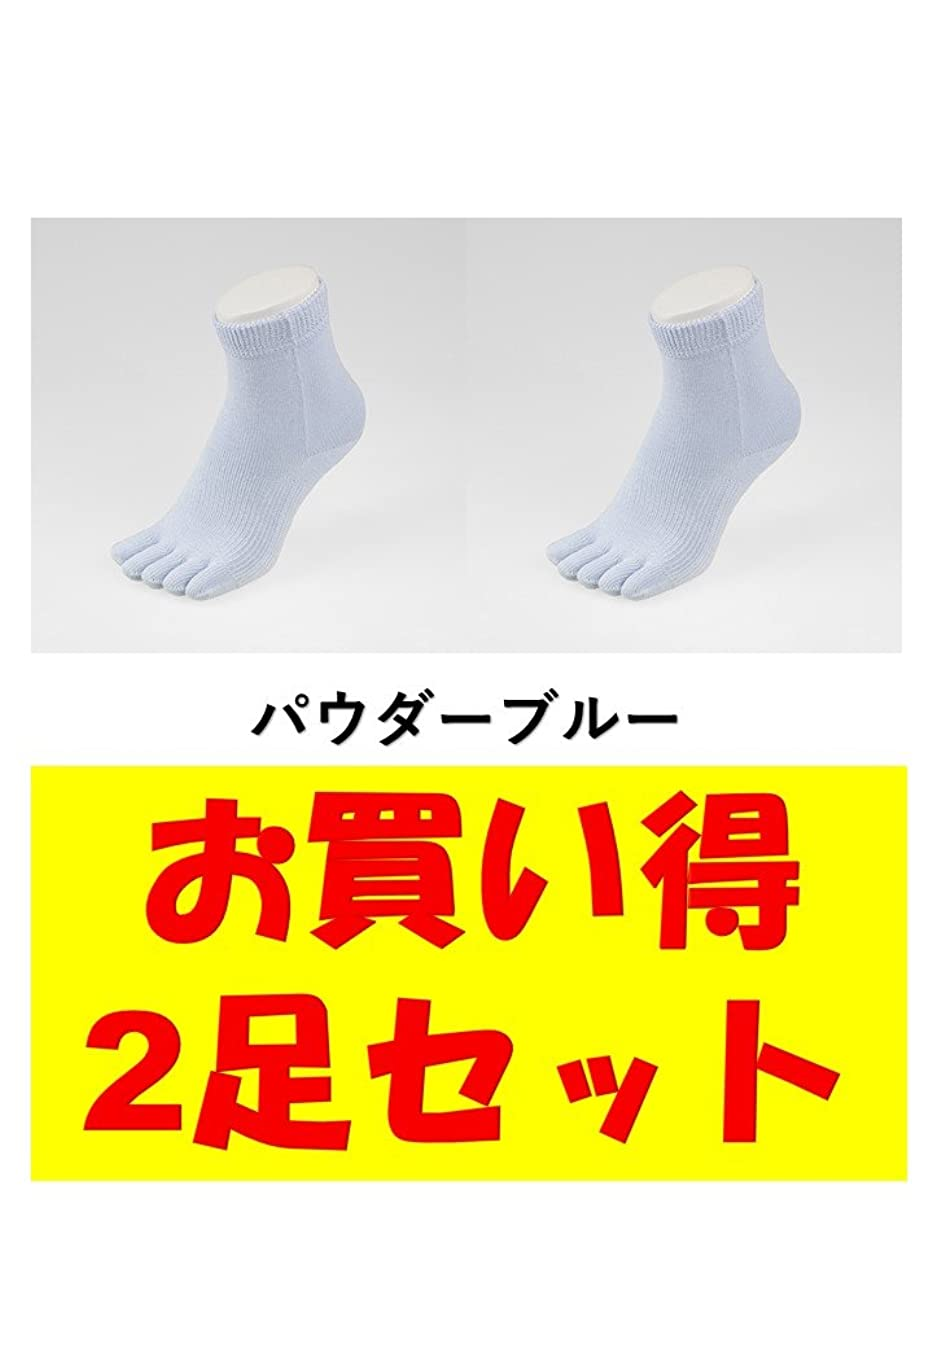 アヒル持ってるバイオレットお買い得2足セット 5本指 ゆびのばソックス Neo EVE(イヴ) パウダーブルー iサイズ(23.5cm - 25.5cm) YSNEVE-PBL